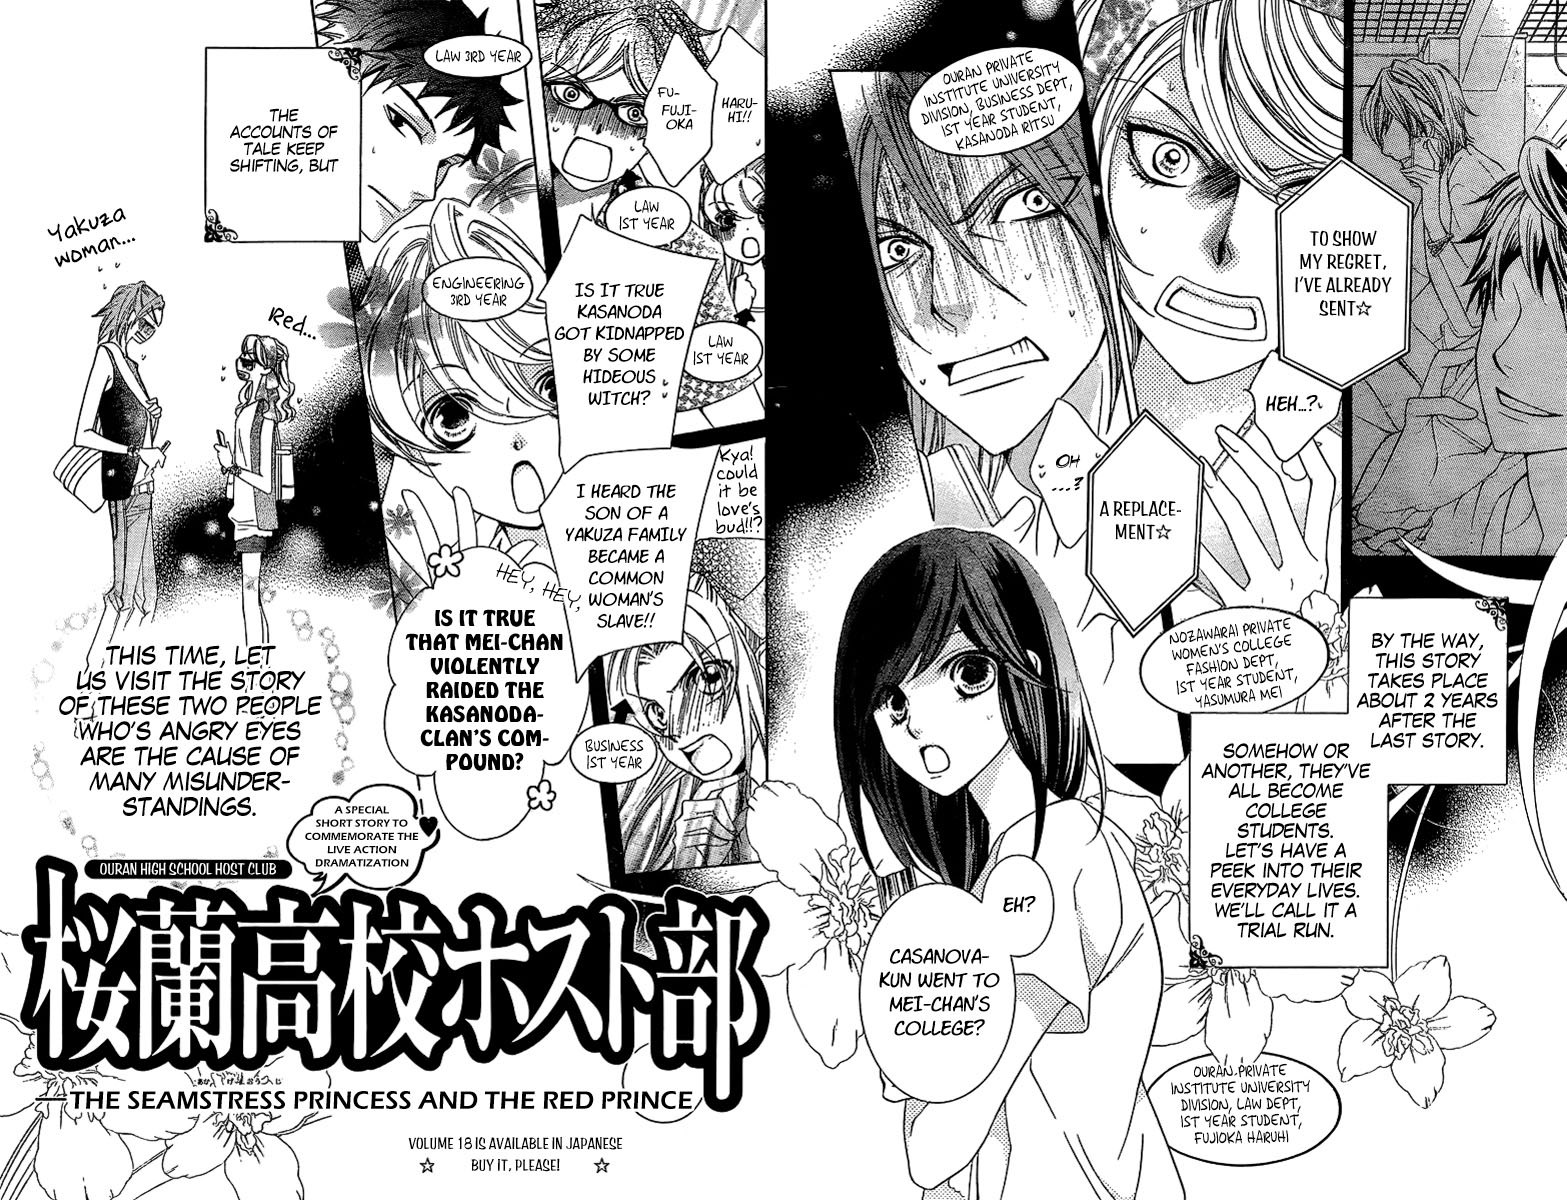 Ouran highschool host club manga